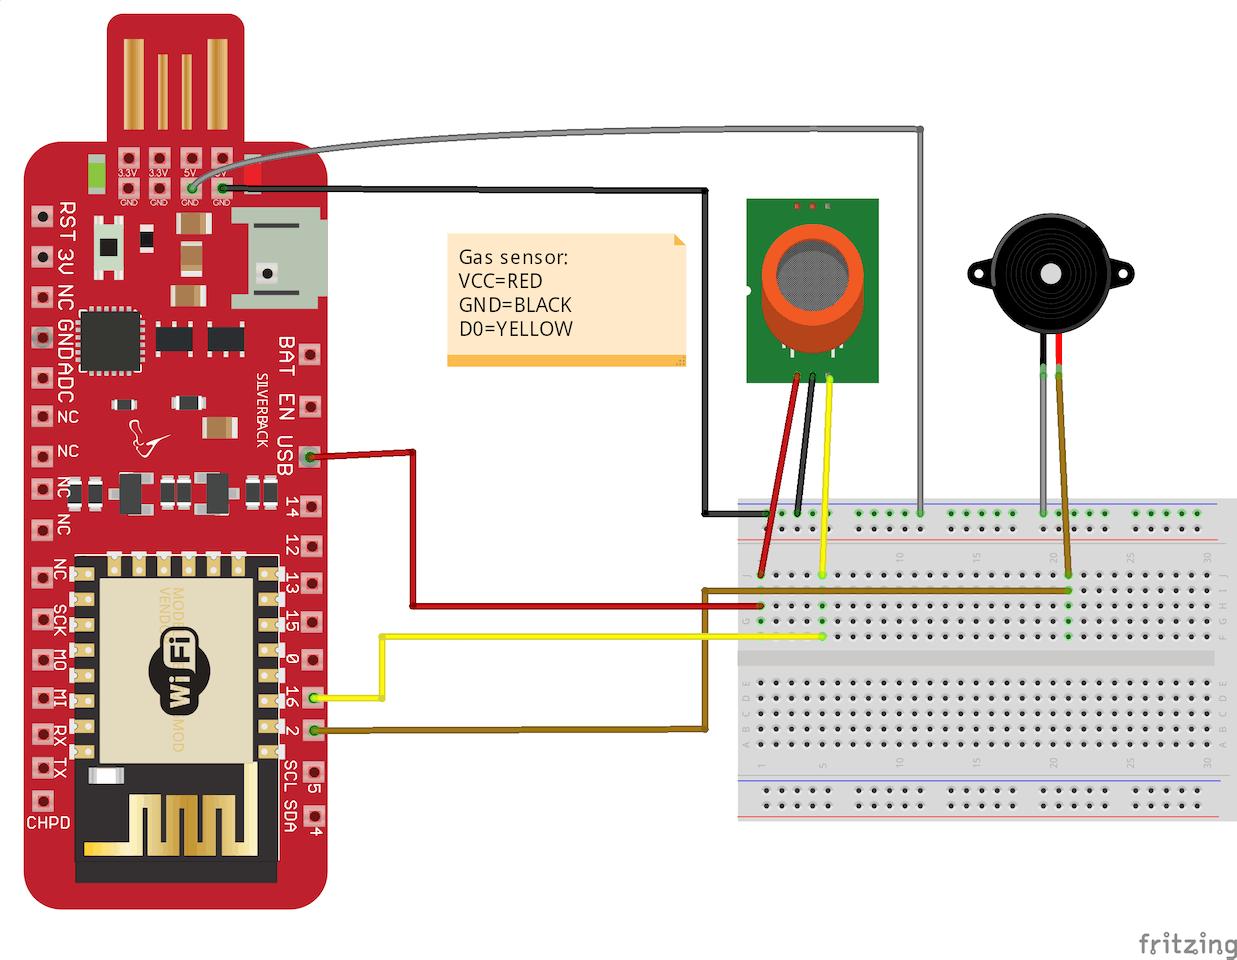 Smoke And Gas Detection Using Mq 2 Sensor Piezo Buzzer Mq2 Circuit Built With An Arduino